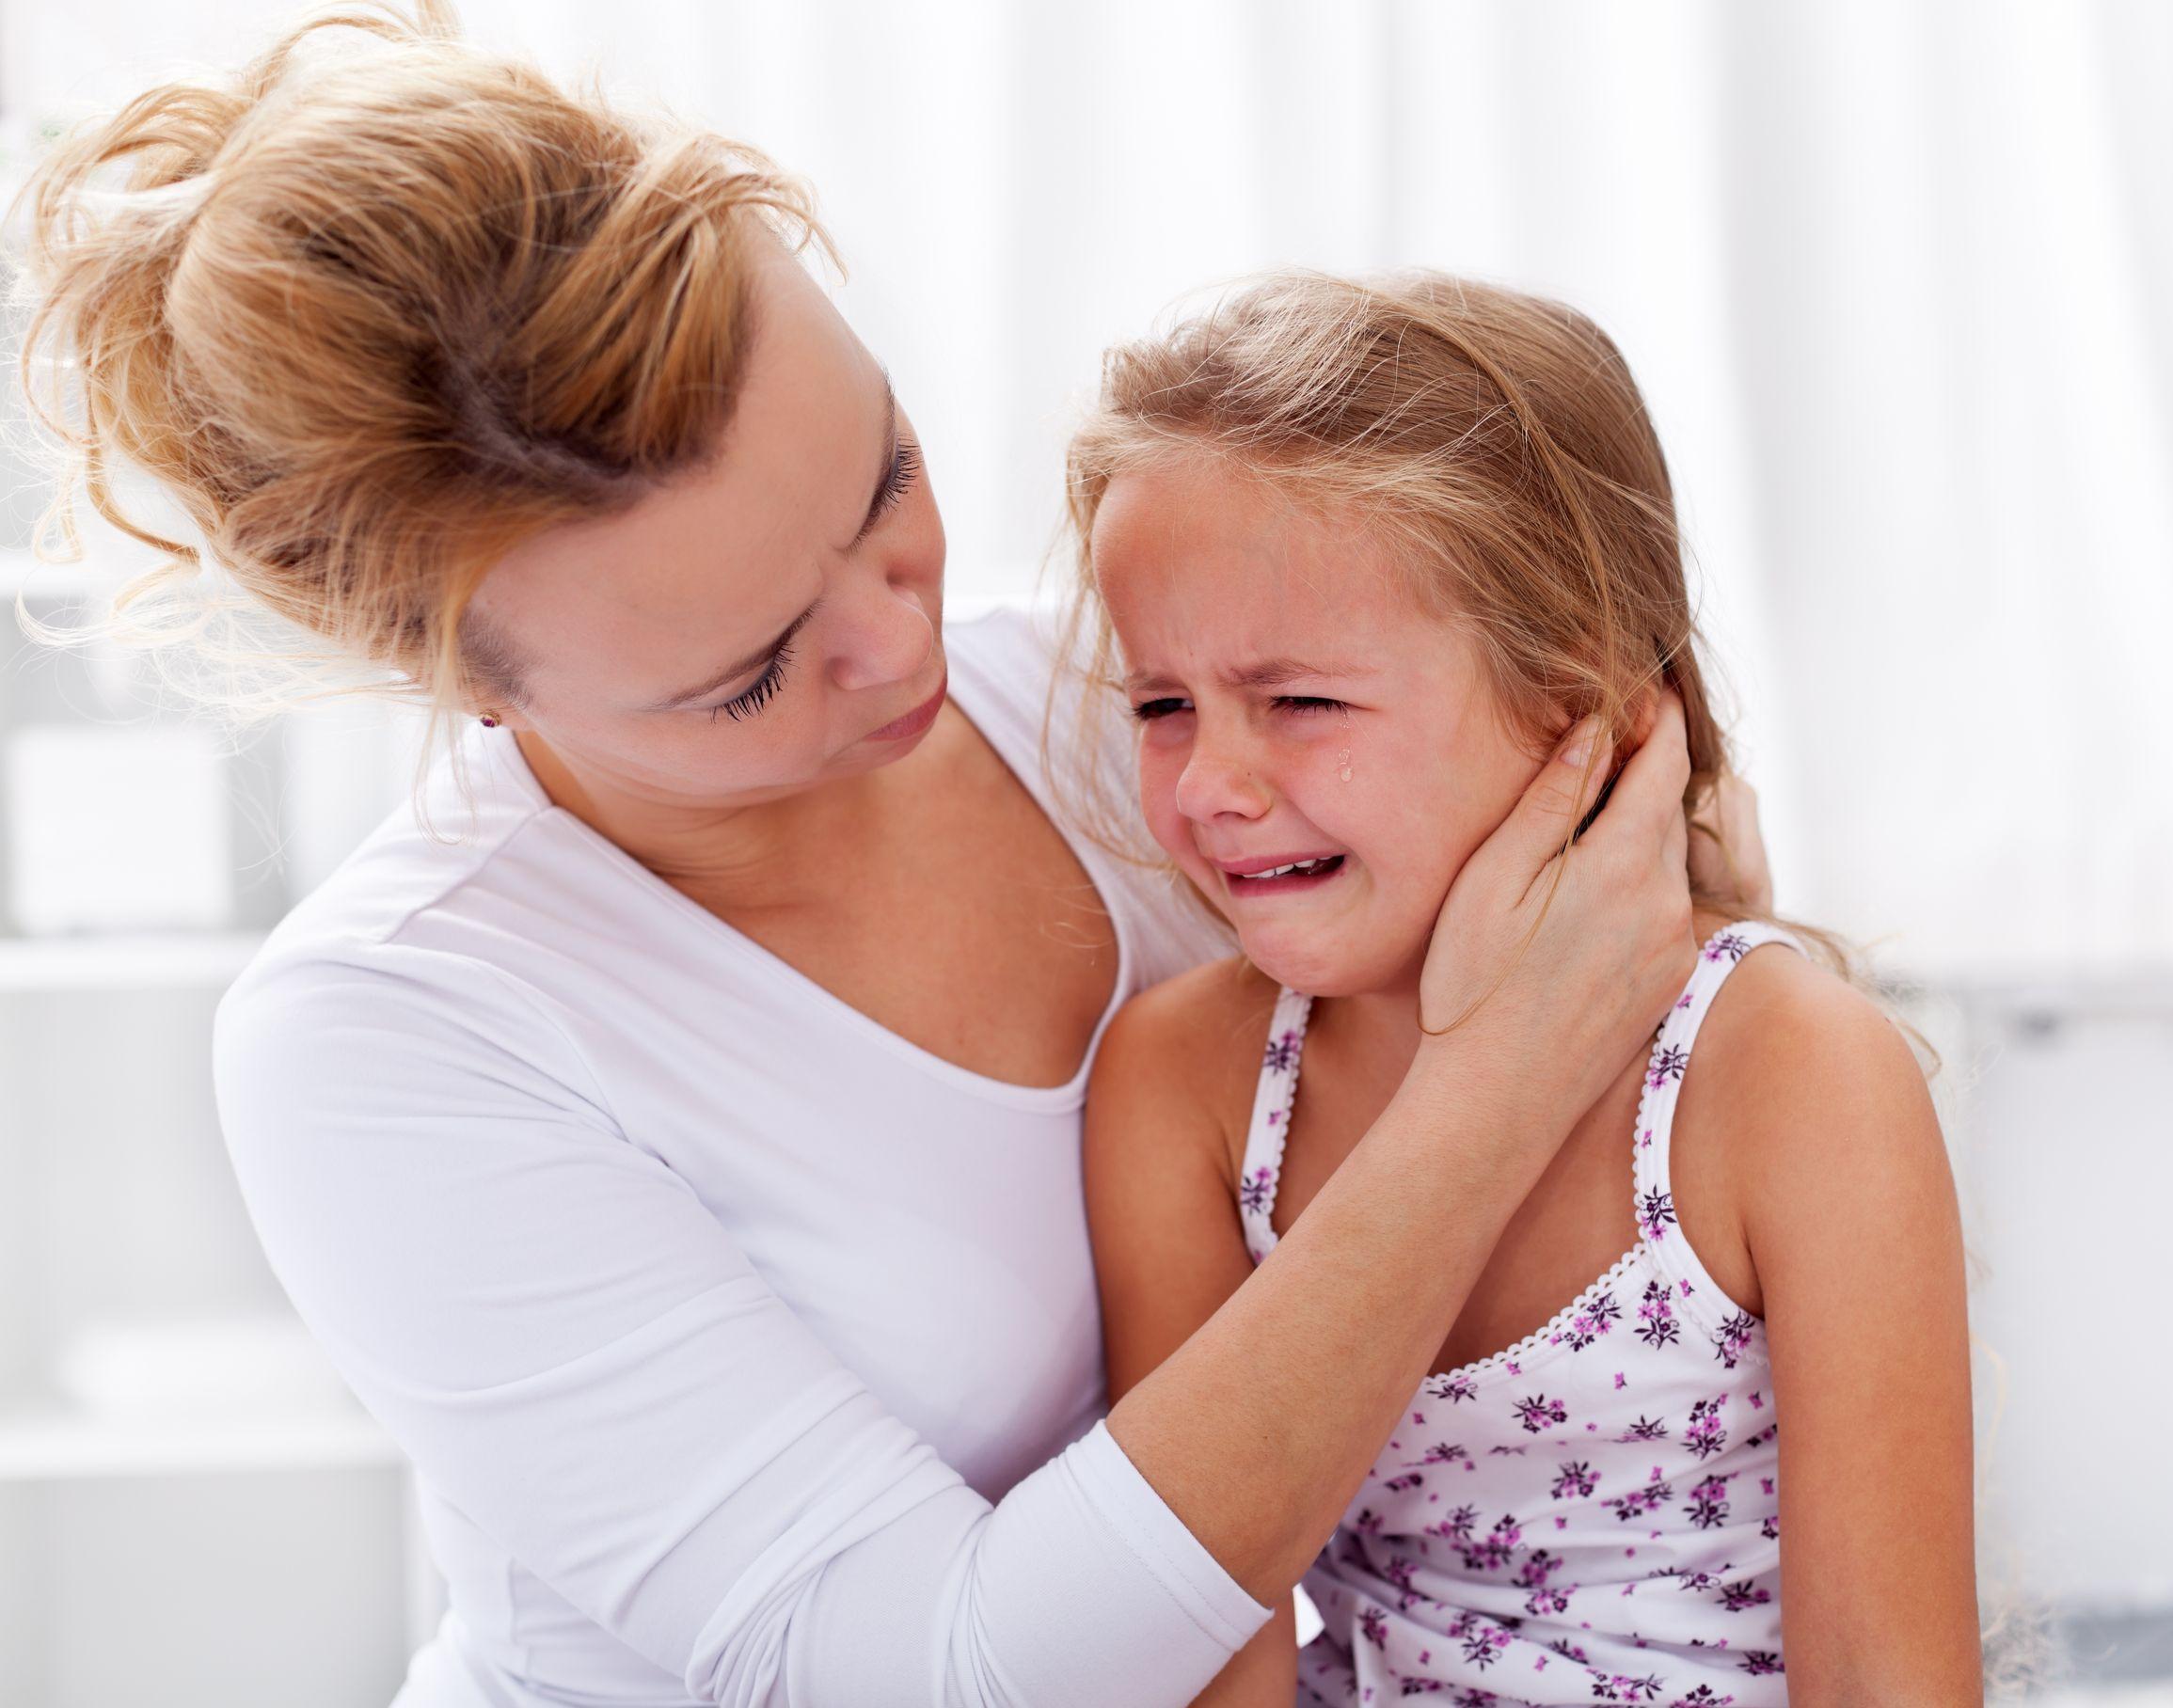 Separačná úzkosť pri nástupe do škôlky (rady pre MŠ aj rodičov)